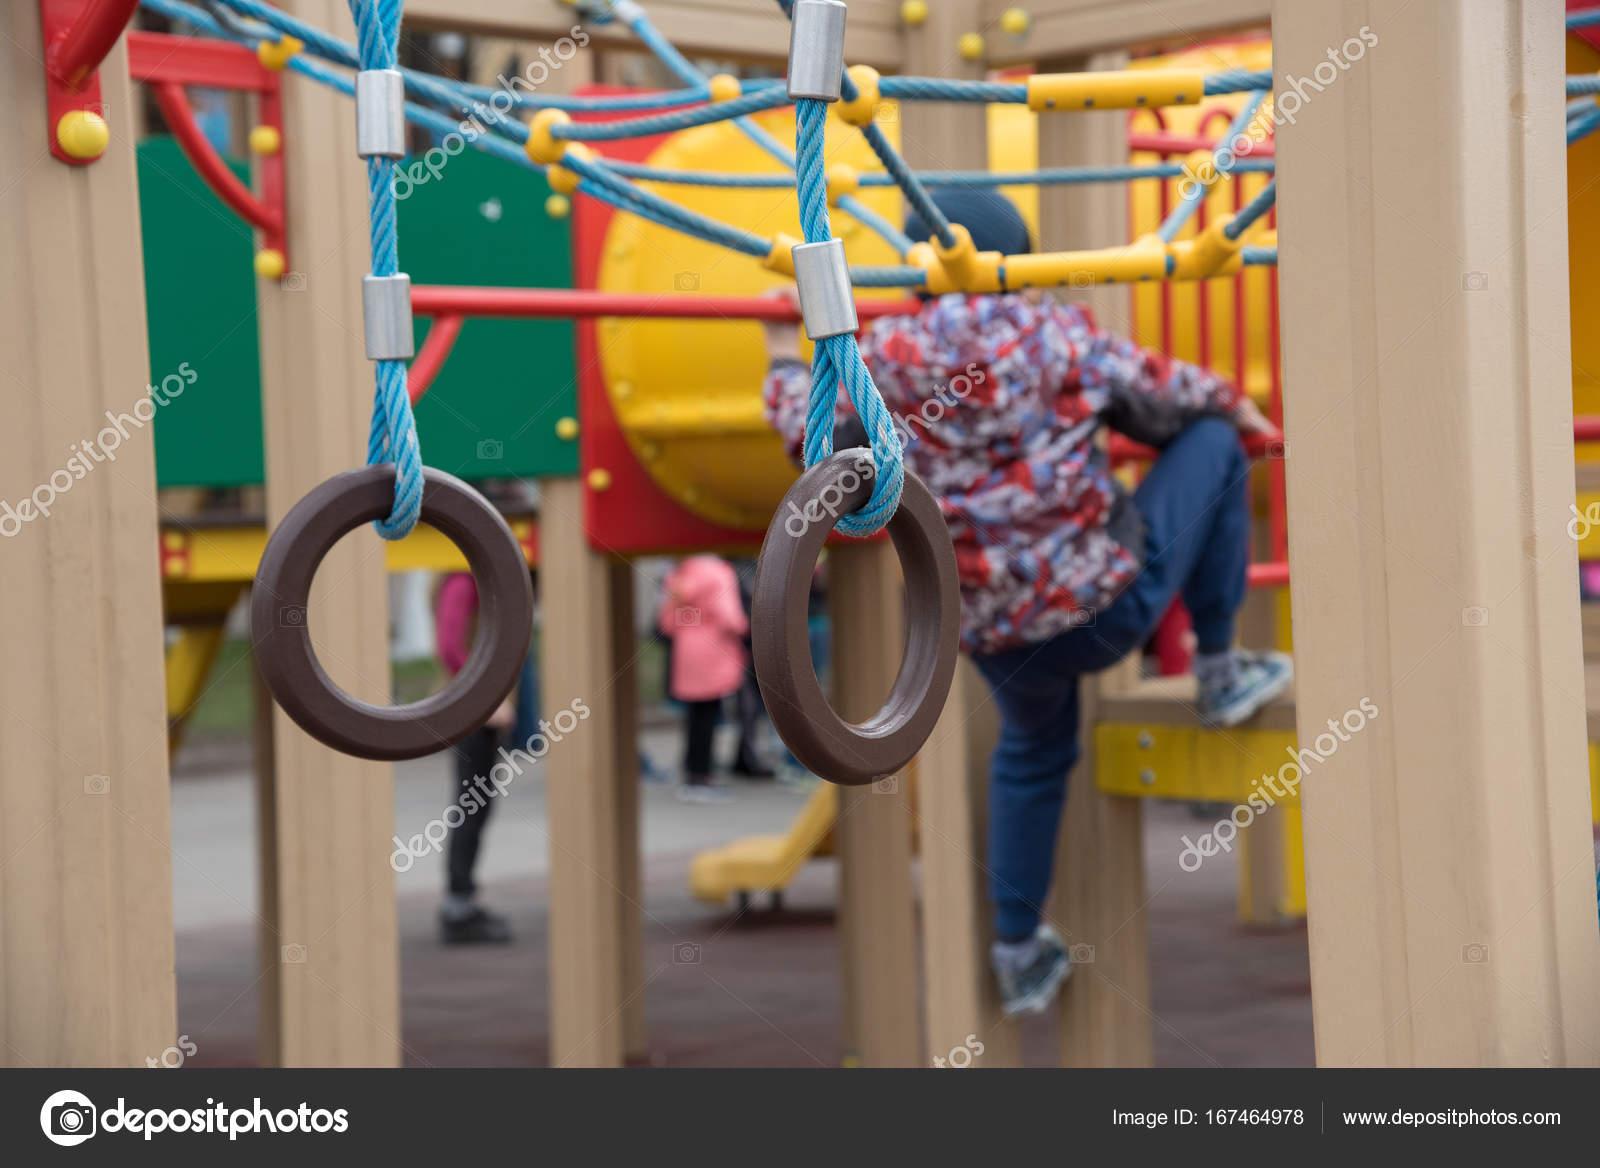 Parco giochi per bambini in strada su piastrelle in gomma u2014 foto